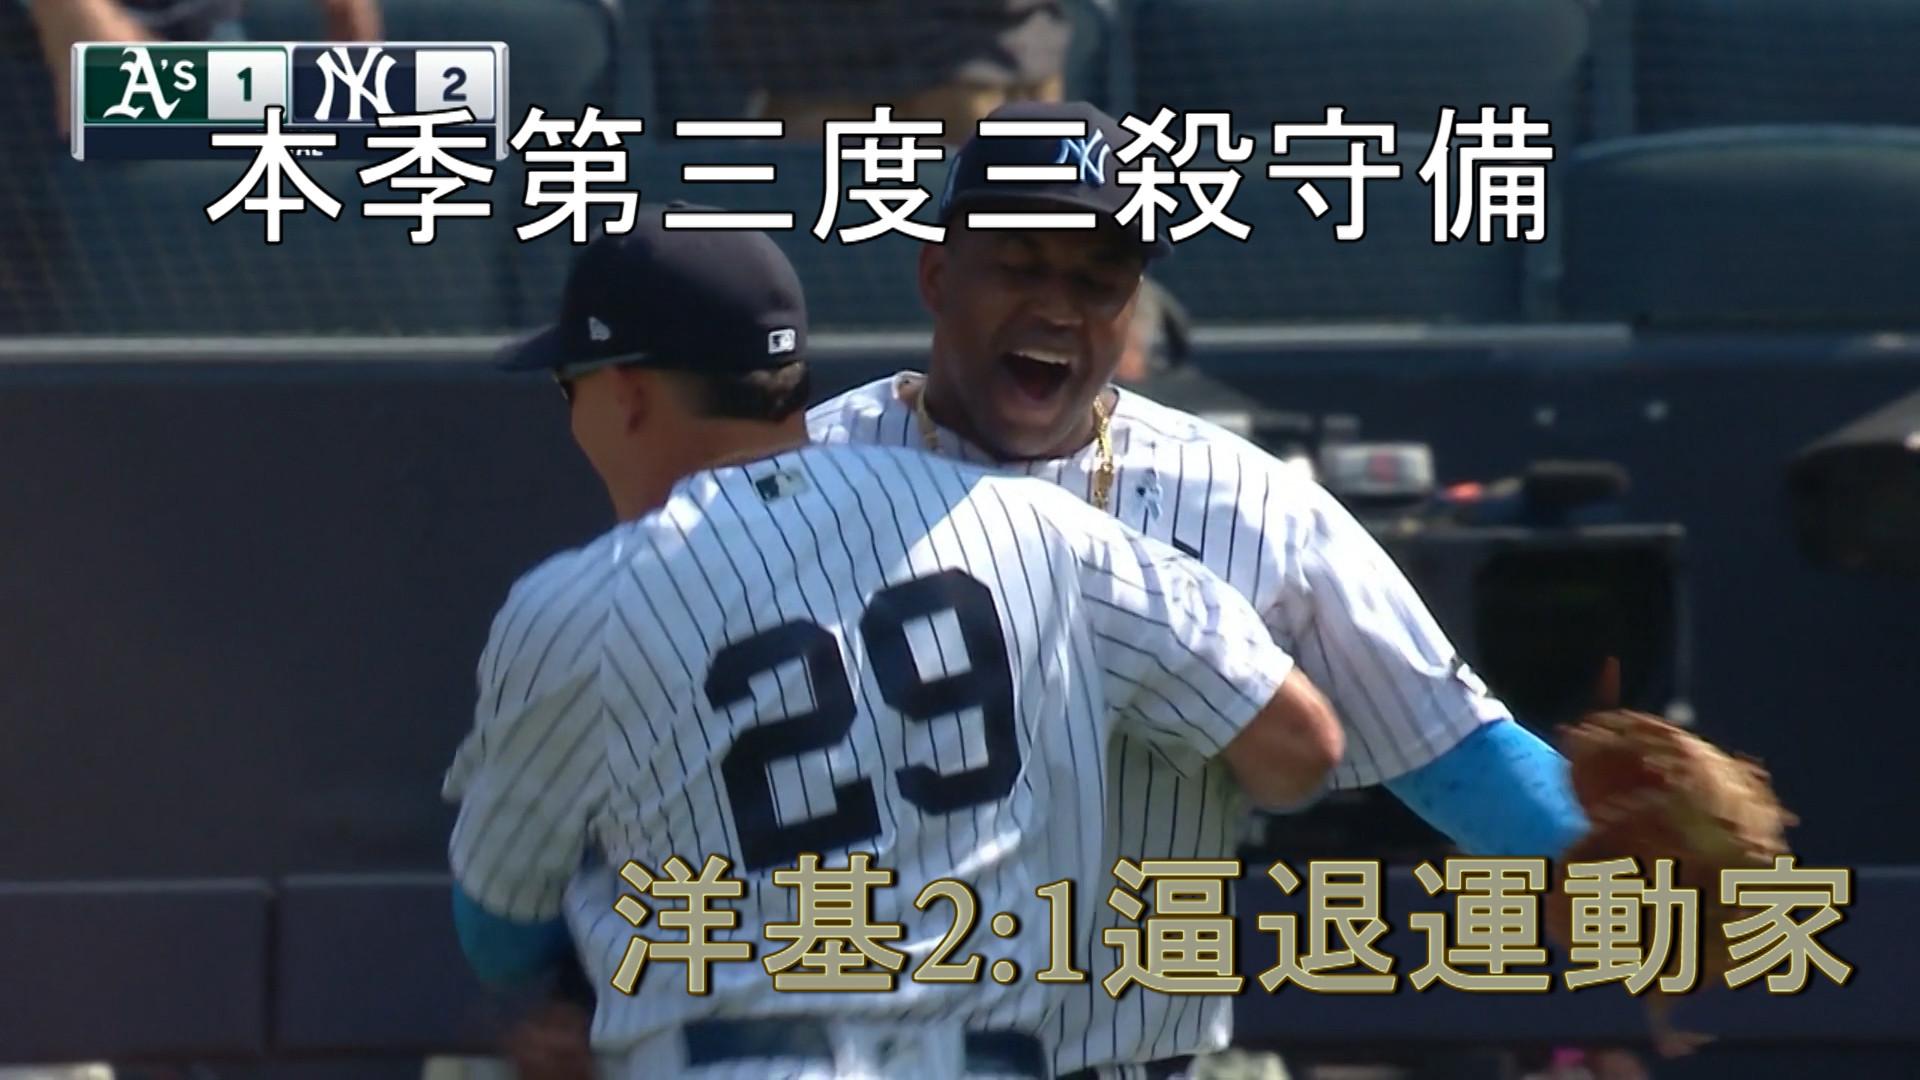 【MLB看愛爾達】洋基本季第三次三殺 2:1擊敗運動家 06/21